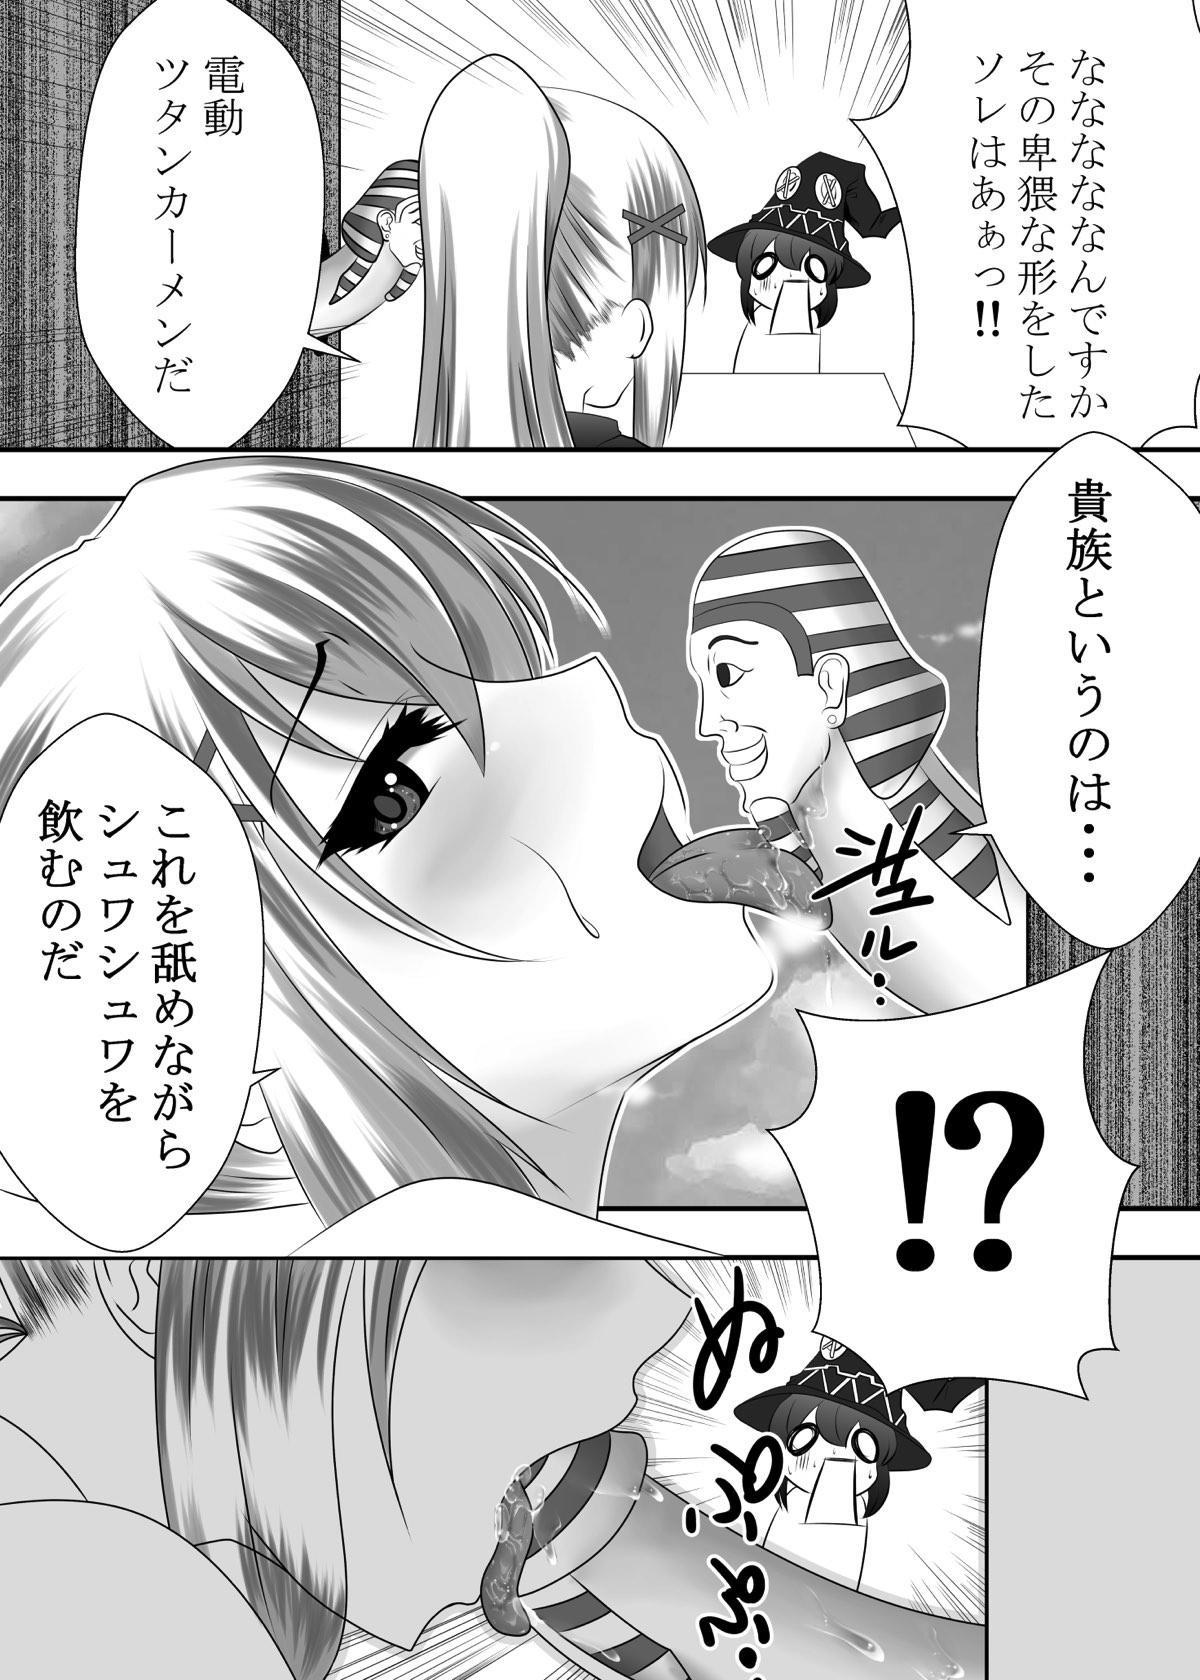 Kono Subarashii Kouin ni Shasei o! 4